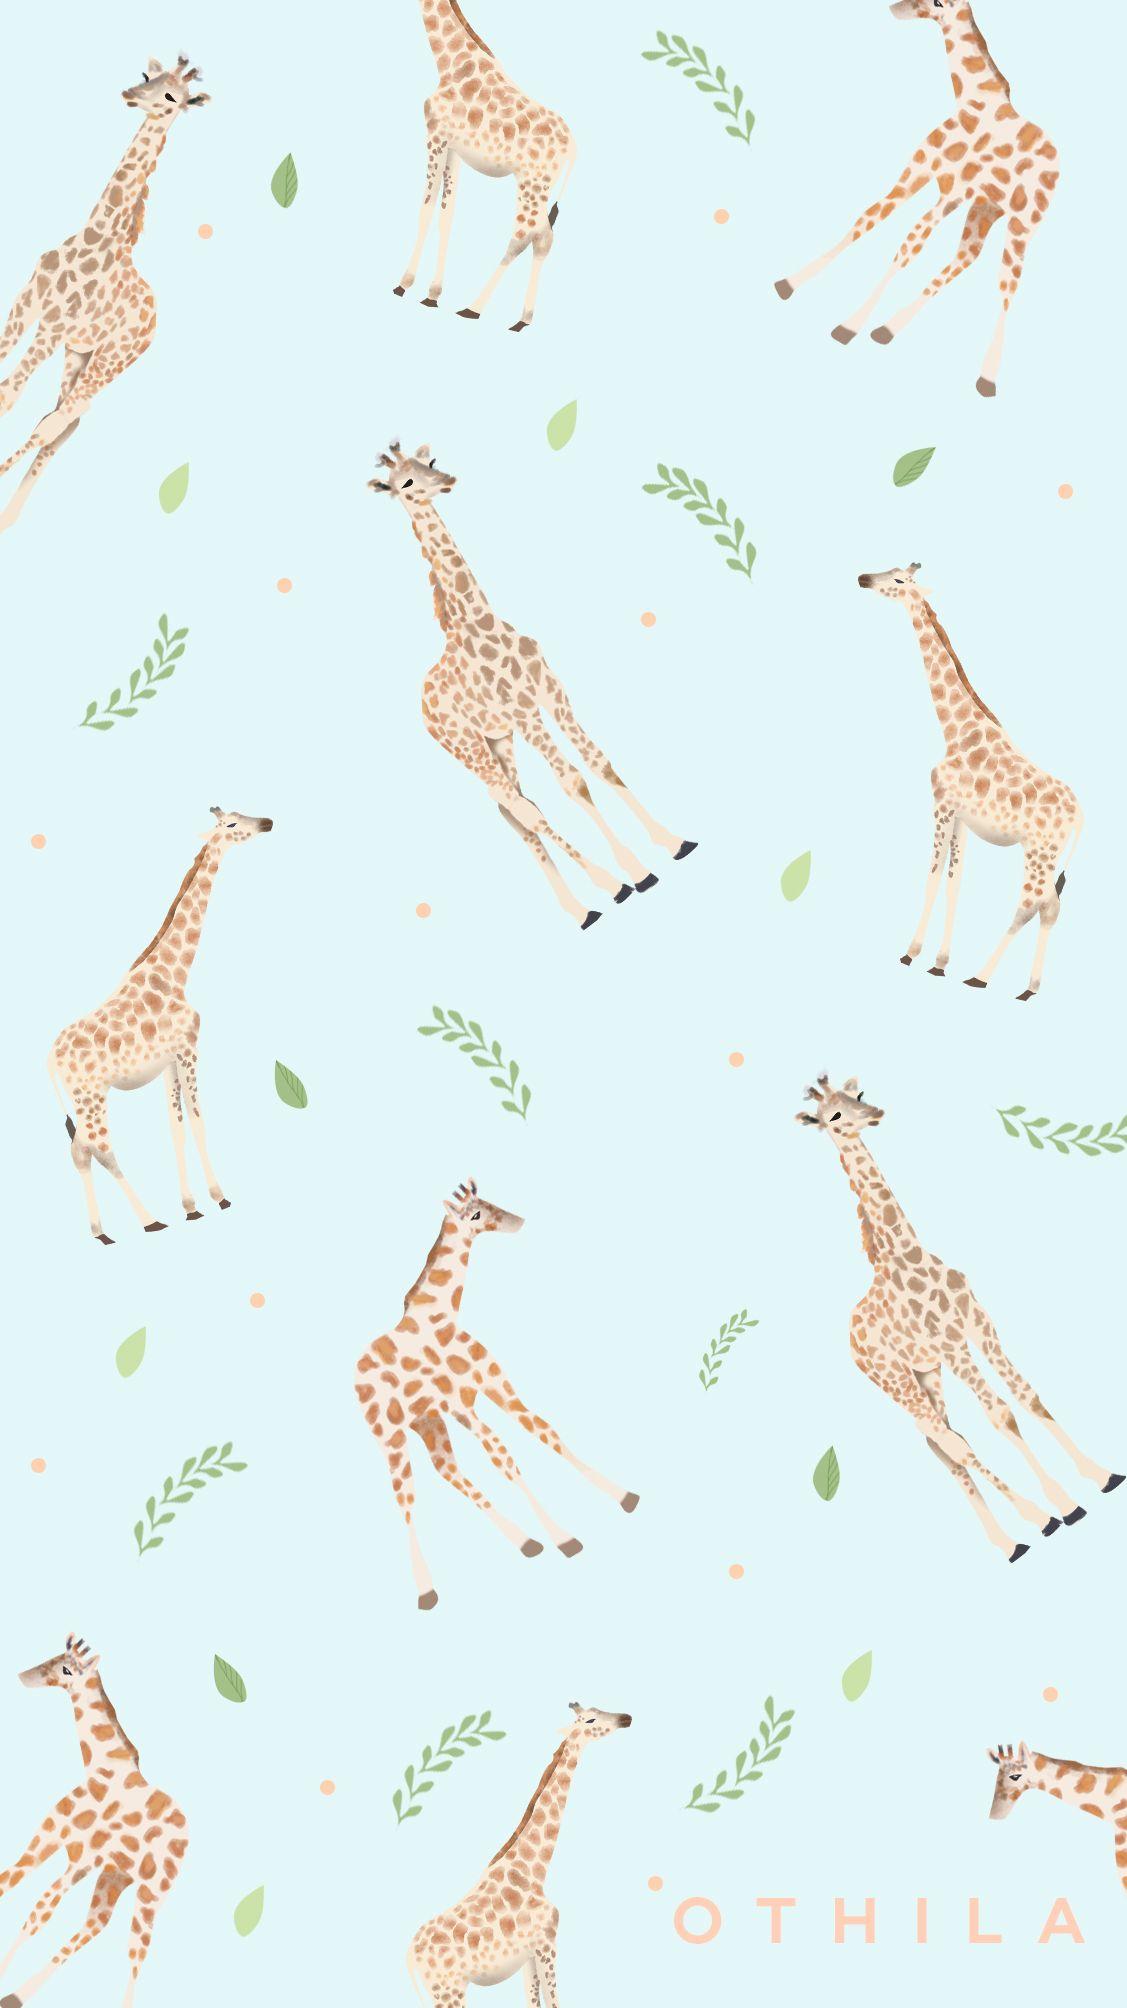 giraffe animals flowers nature blue wallpaper